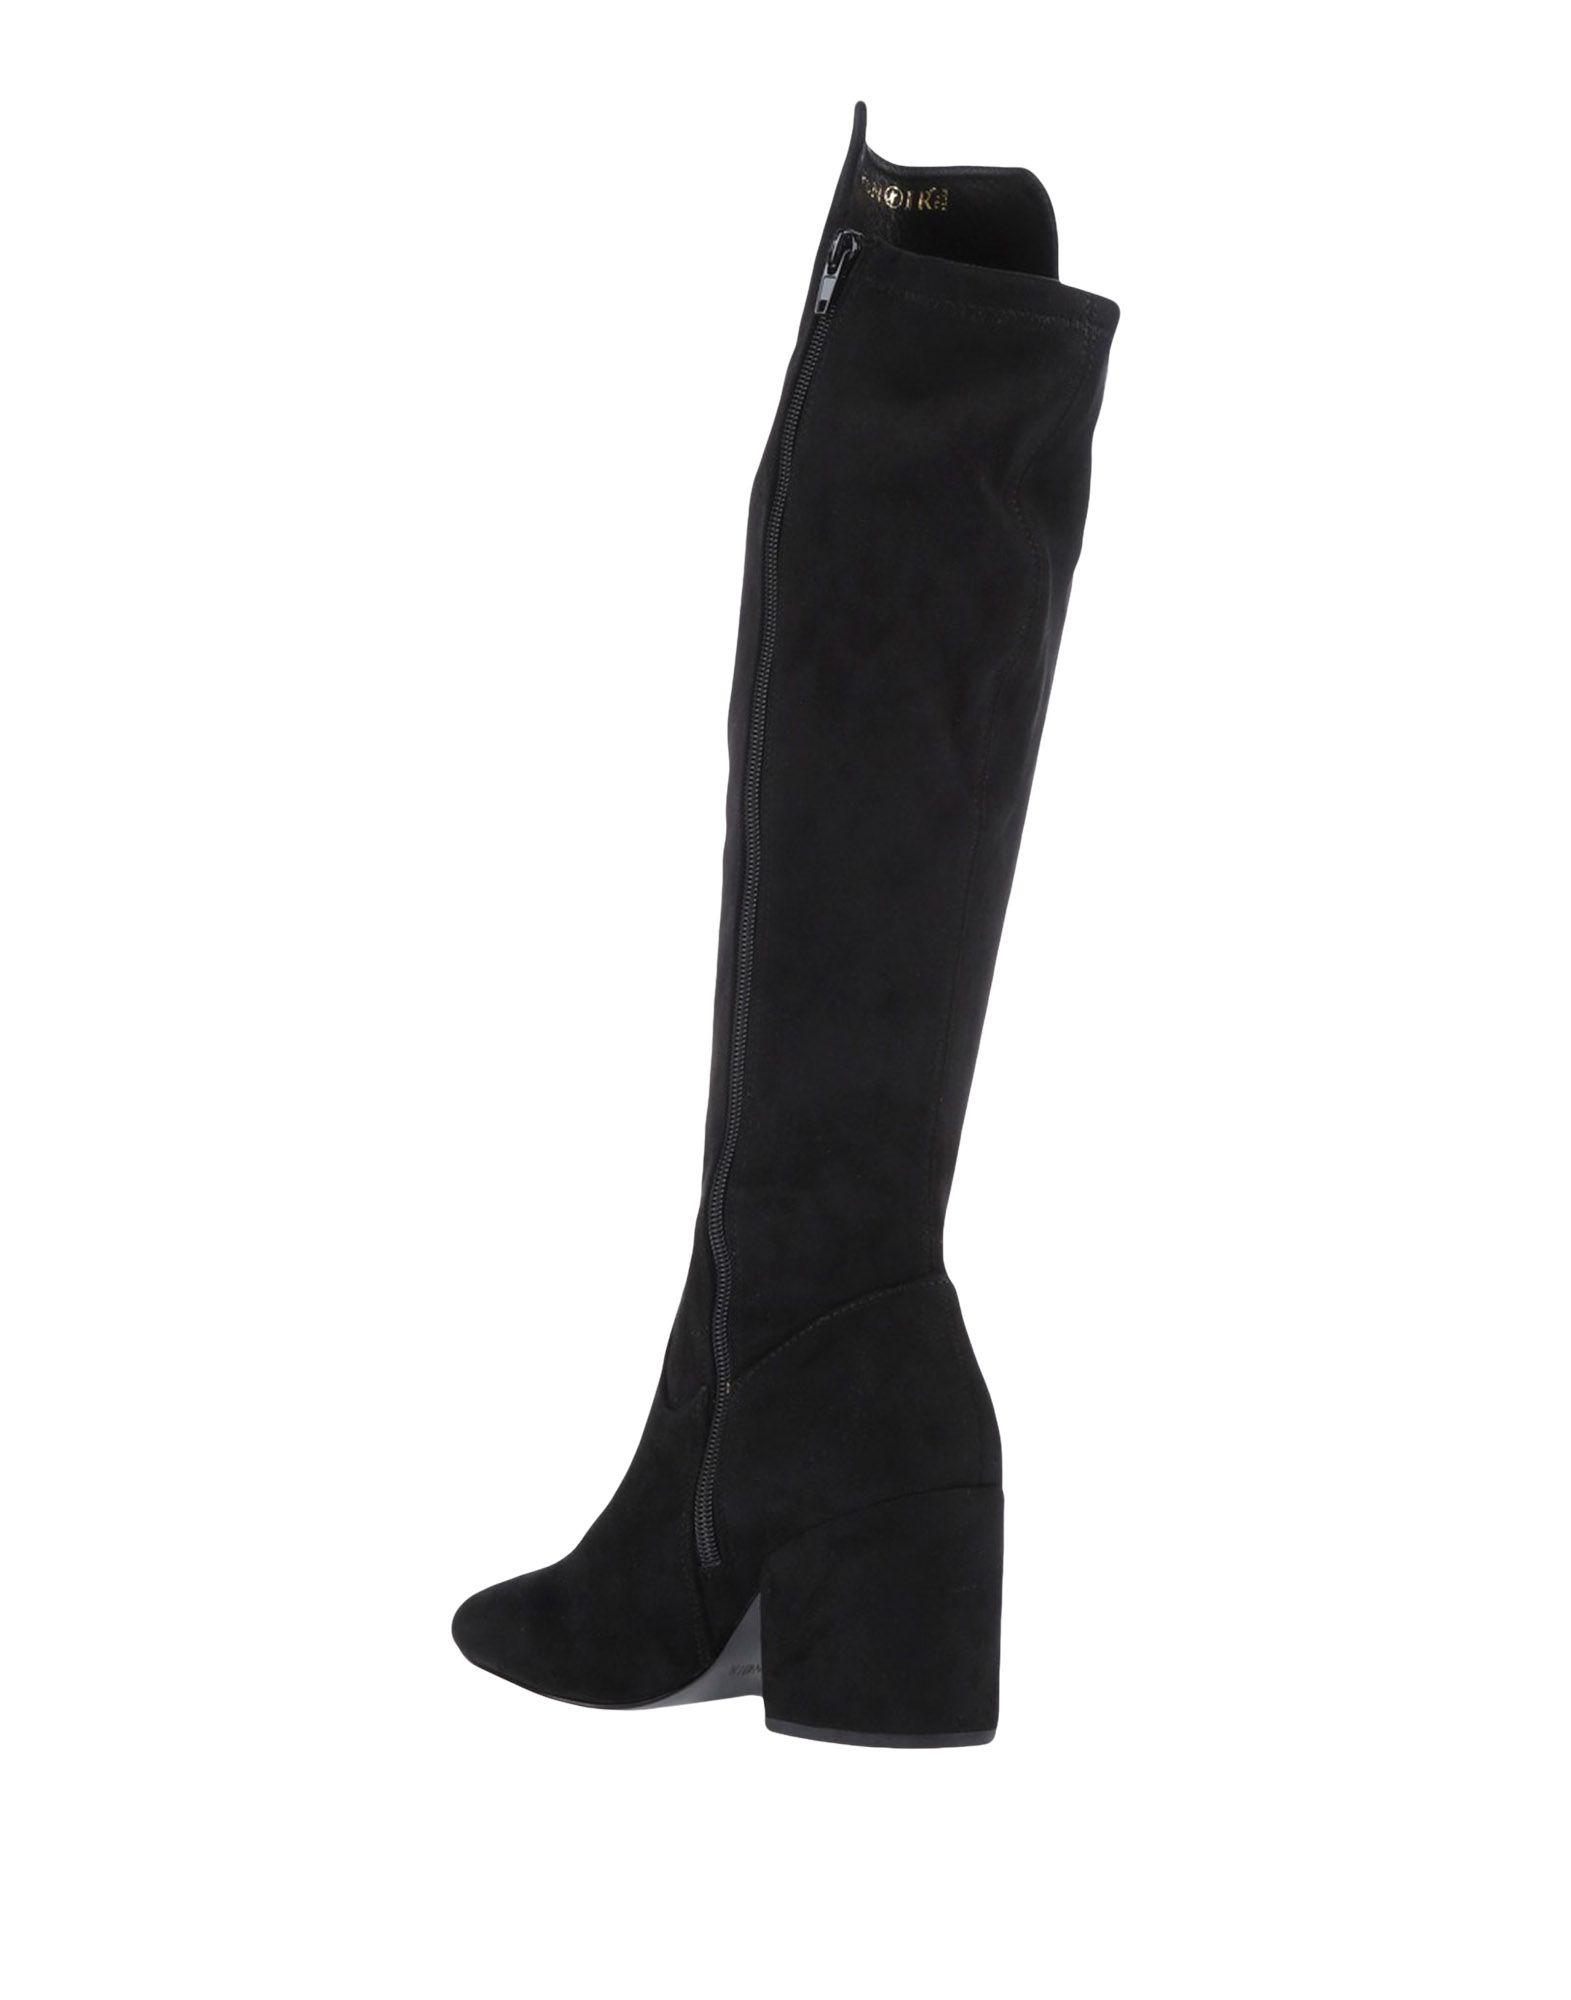 Cafènoir Stiefel Damen beliebte  11515108LH Gute Qualität beliebte Damen Schuhe 4fad77